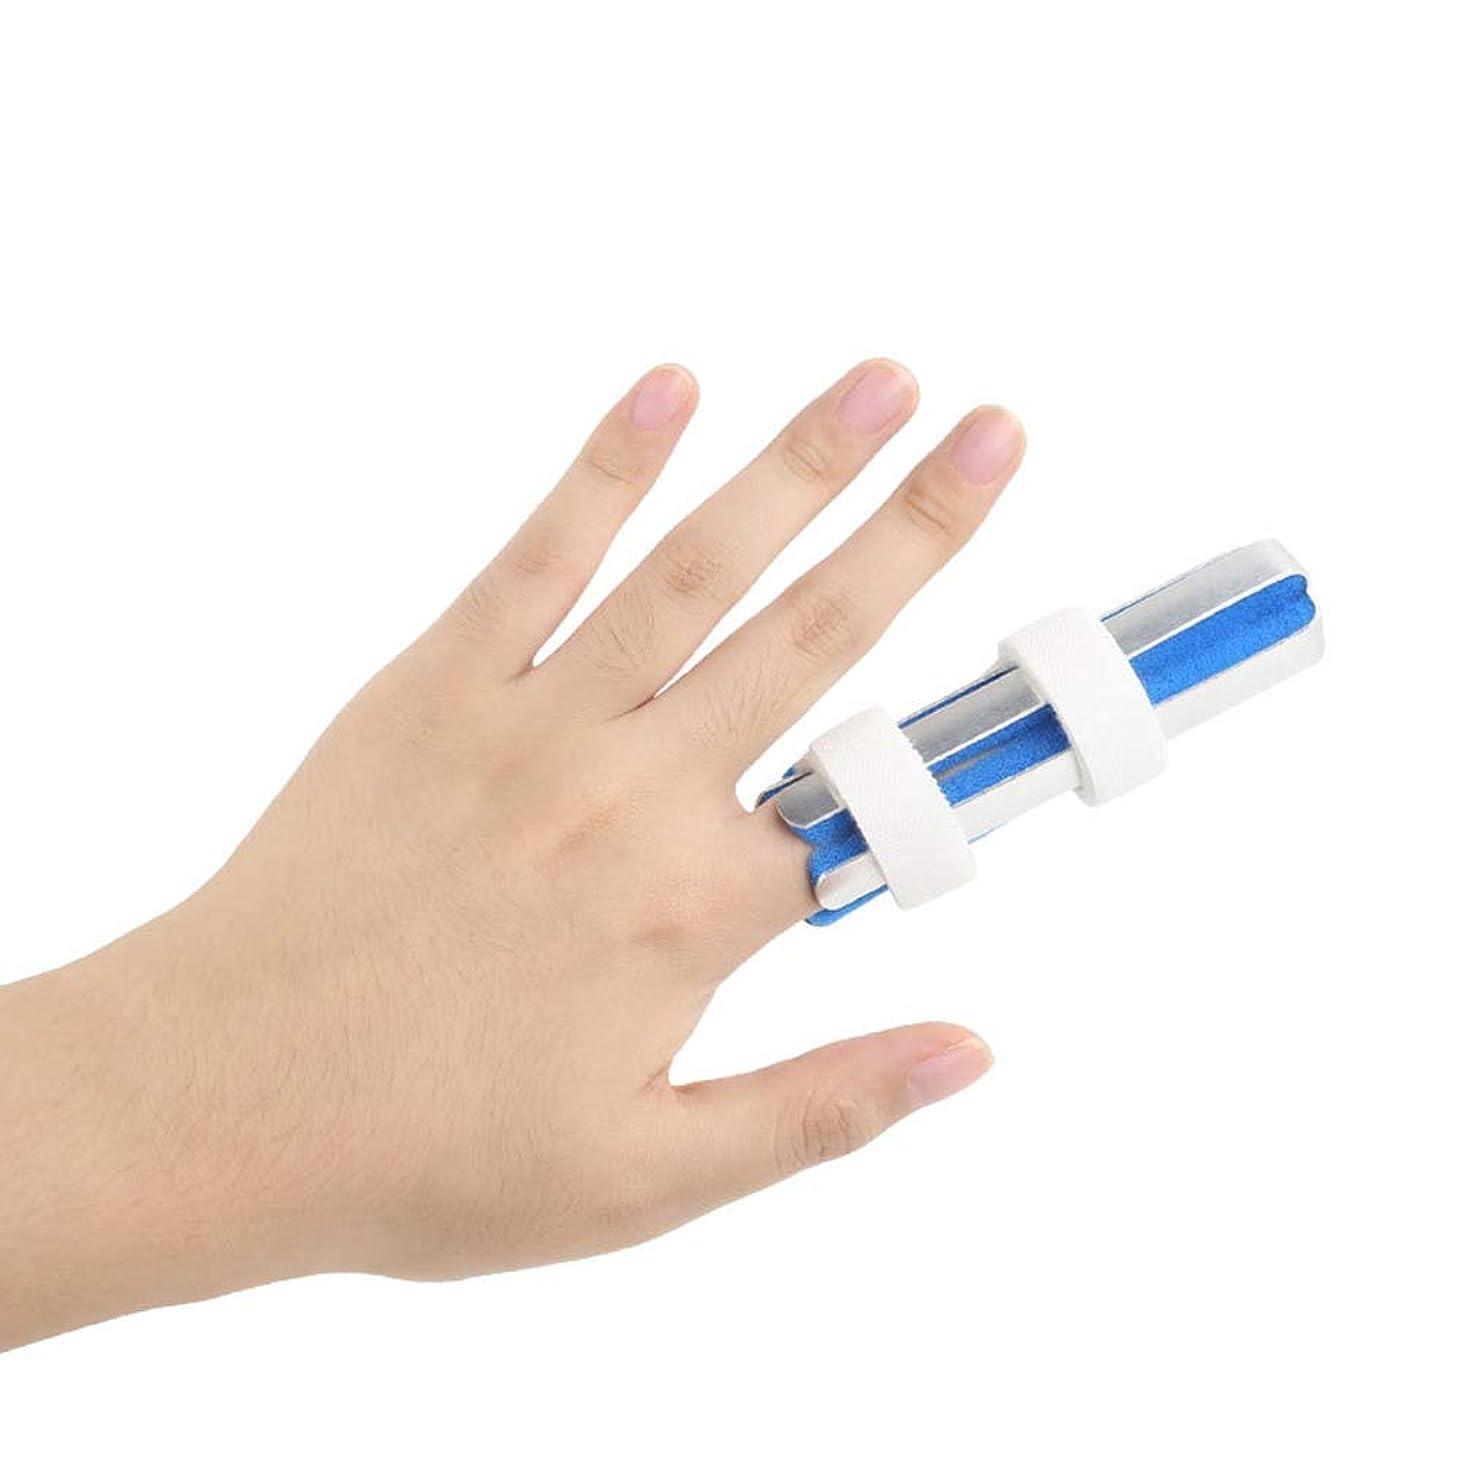 スキップ学習者チャーム指骨折固定副木 - 保護指のカップリング装具脱臼の痛み指のけがの痛み保護指関節,S